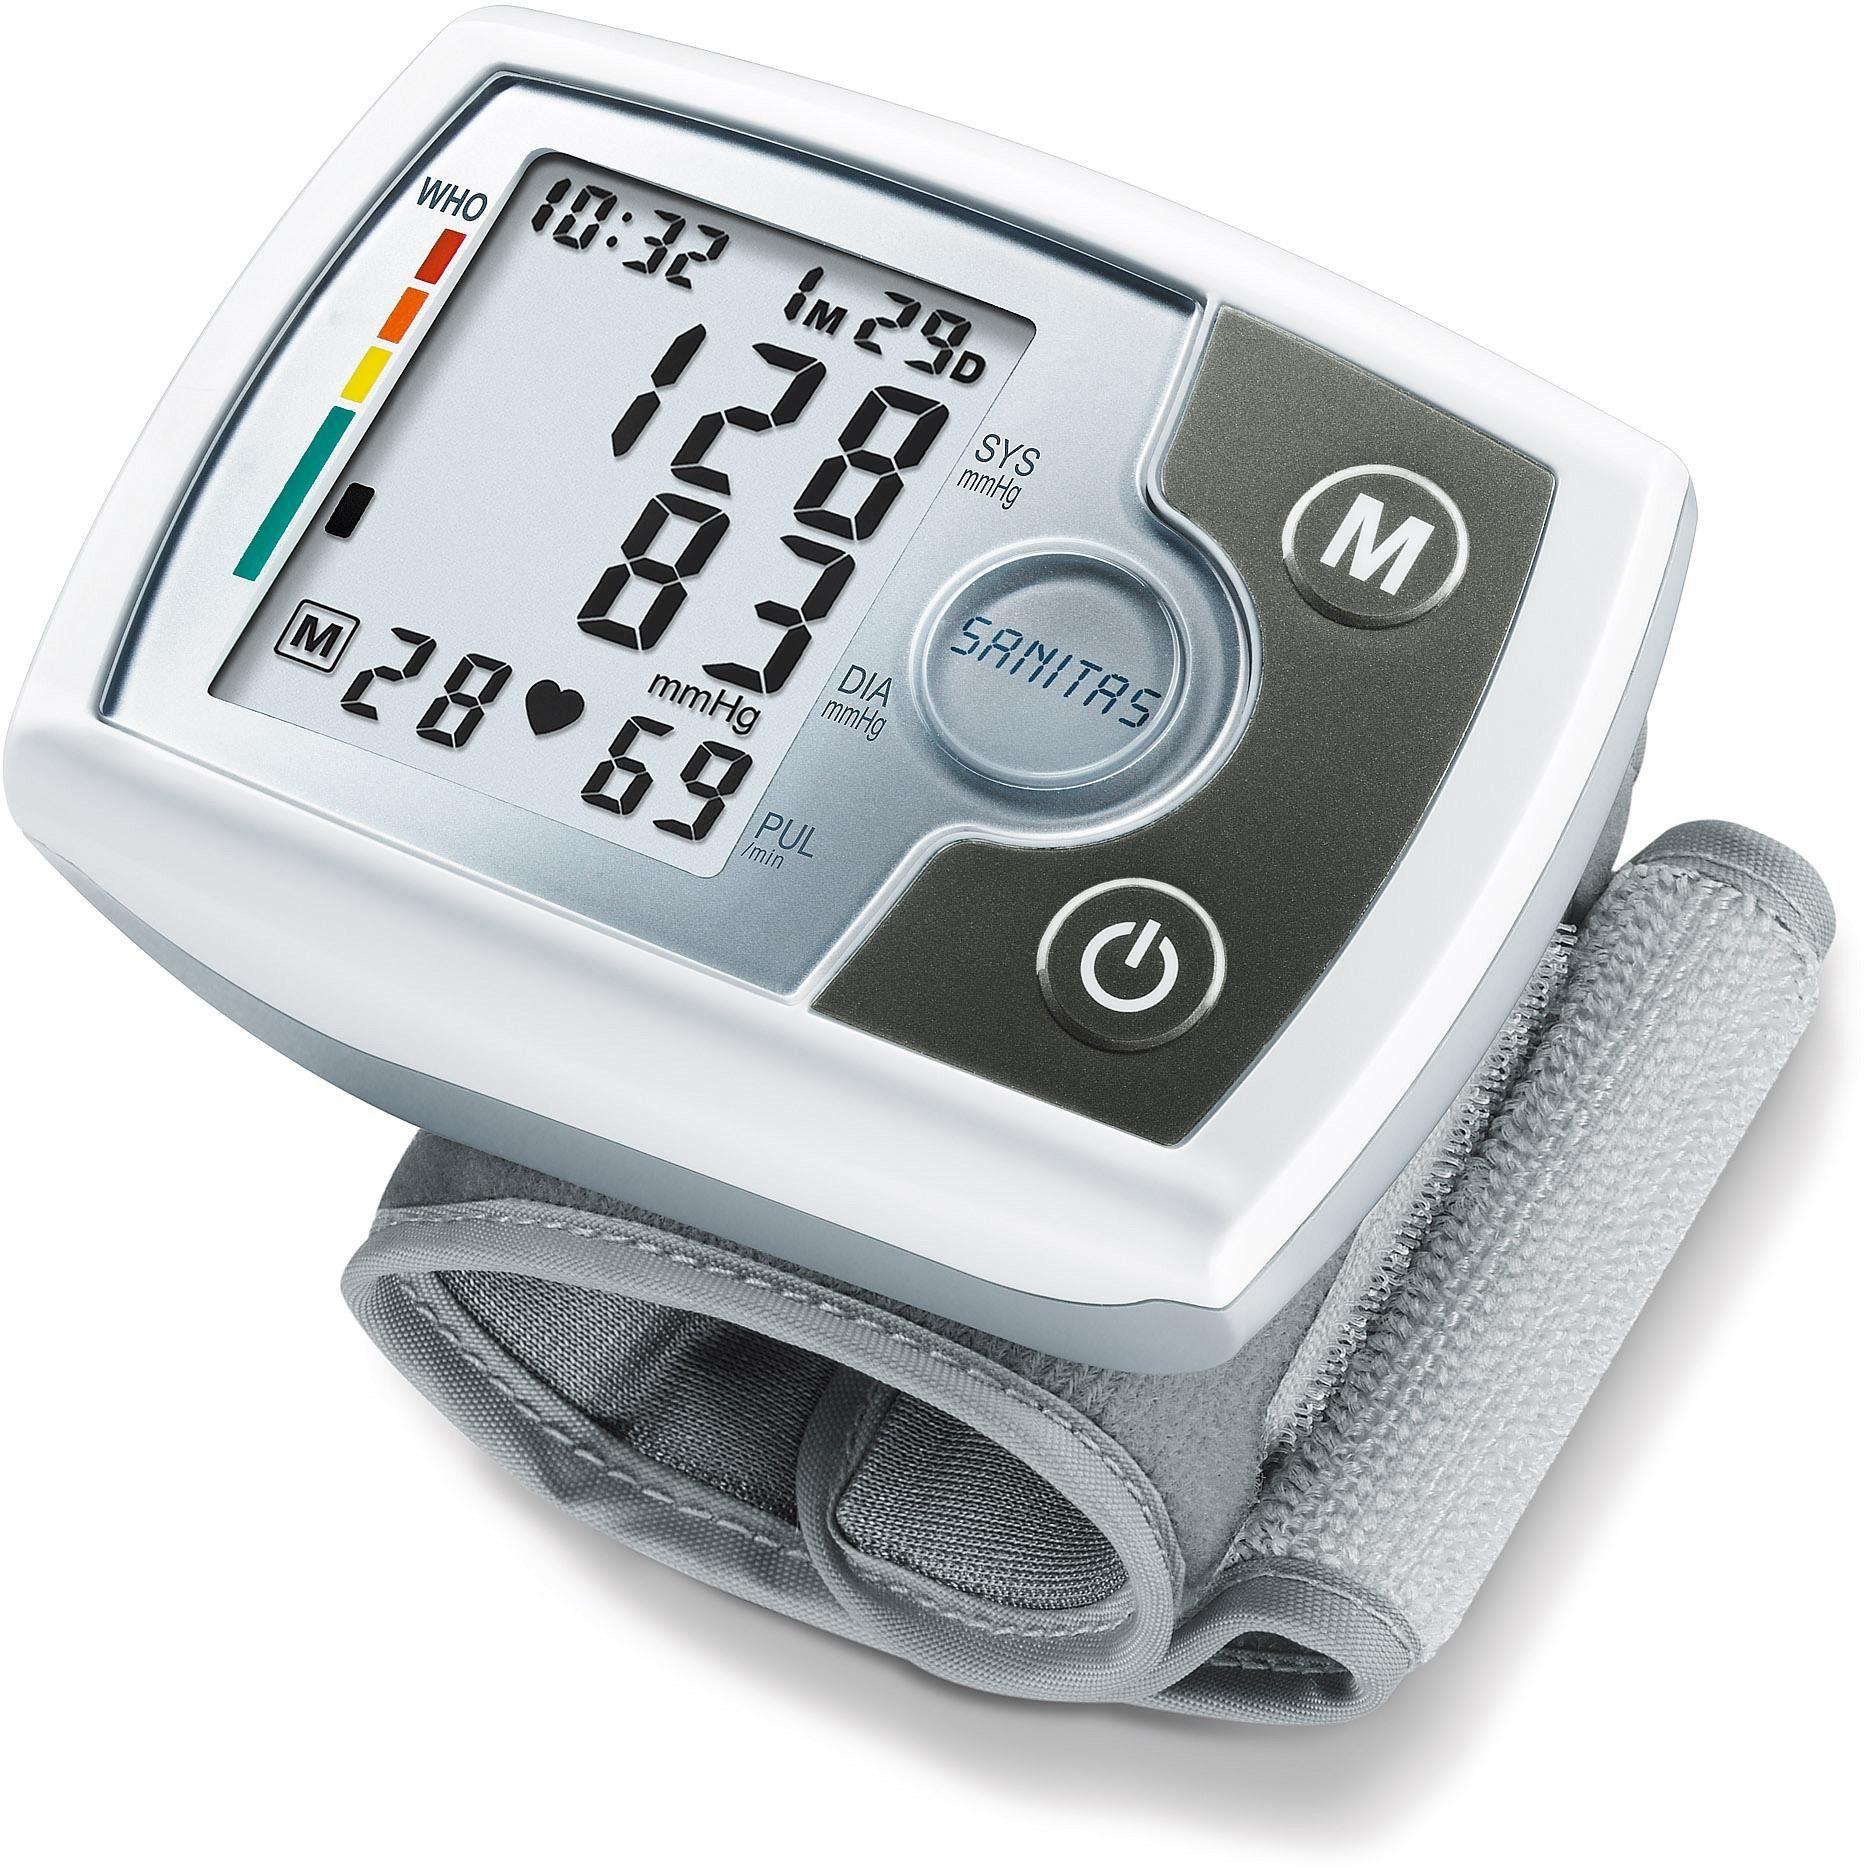 Sanitas Blutdruckmessgerät SBM 03, Vollautomatische Blutdruck- und Pulsmessung am Handgelenk